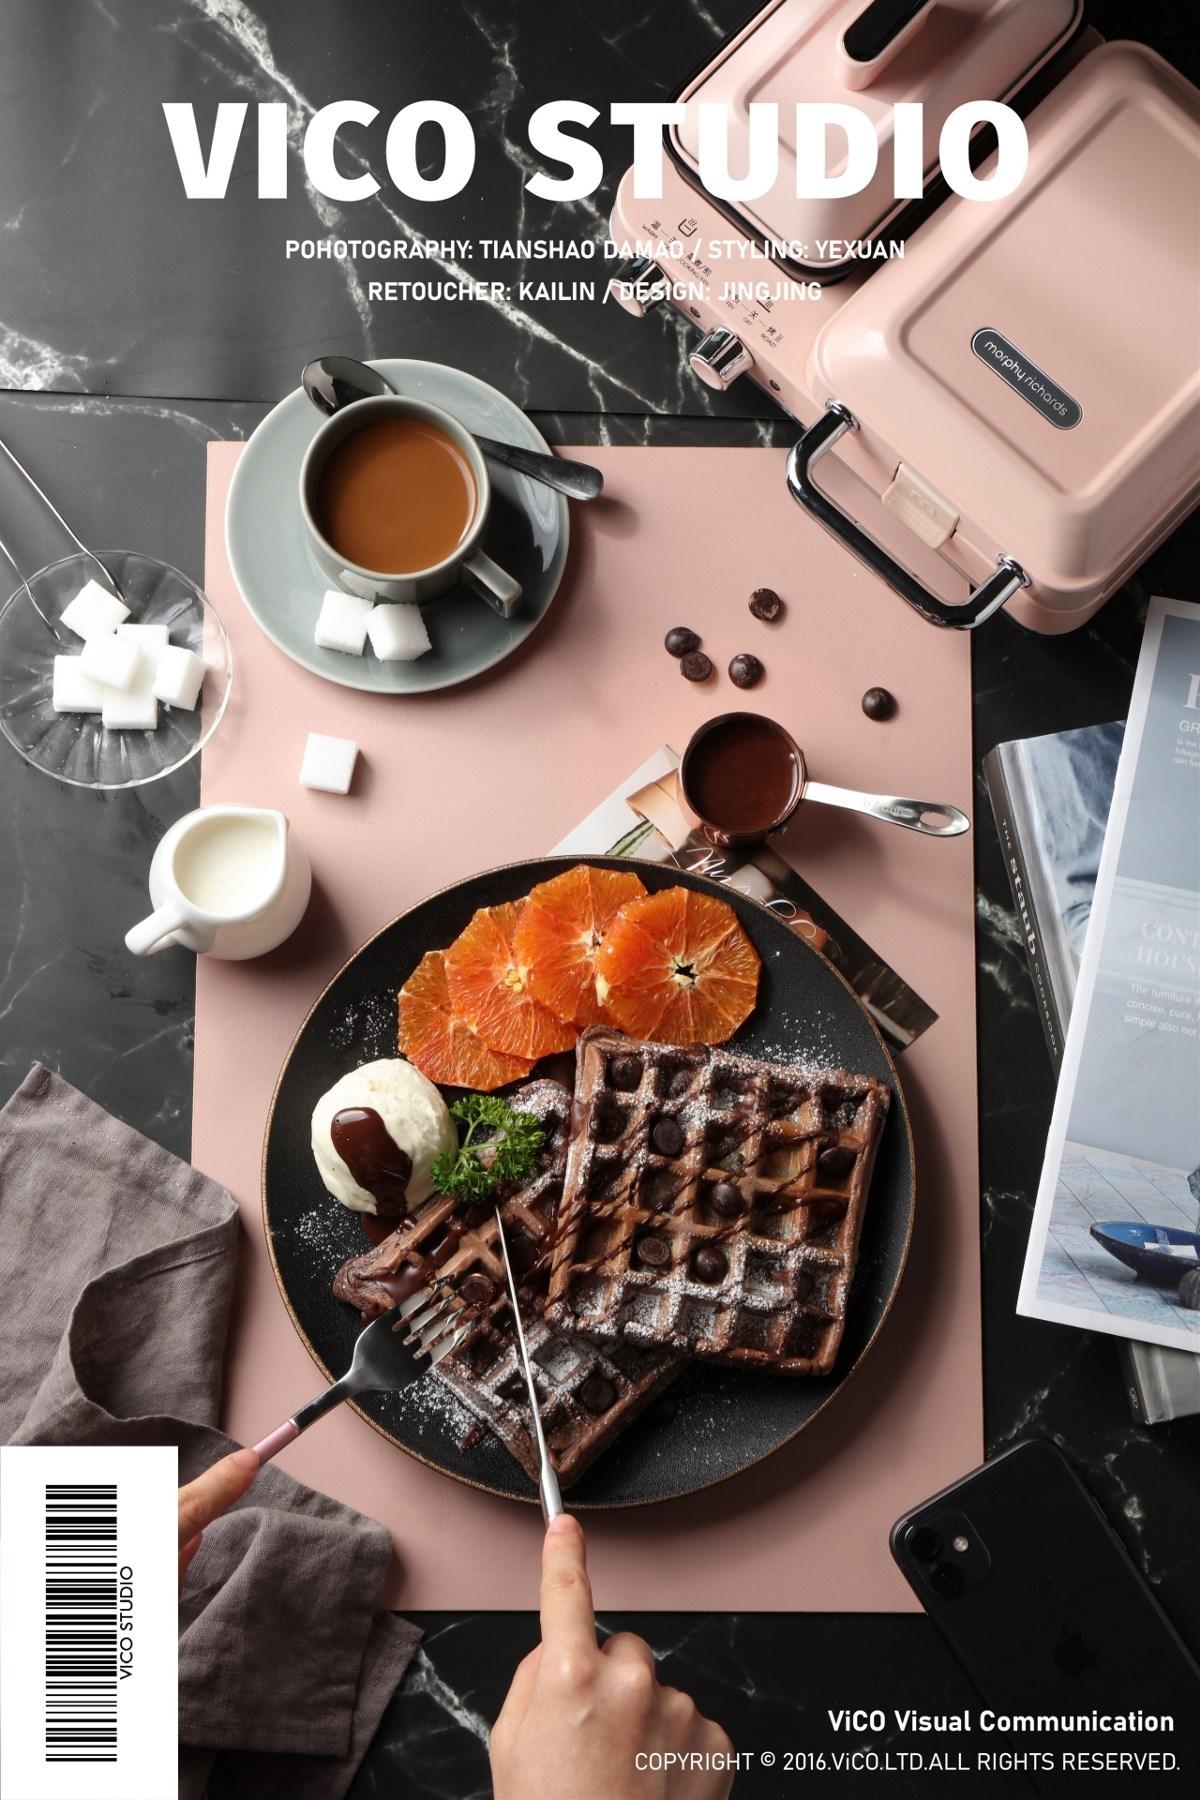 摩飞轻食机 | 小家电摄影 × ViCO视觉传媒